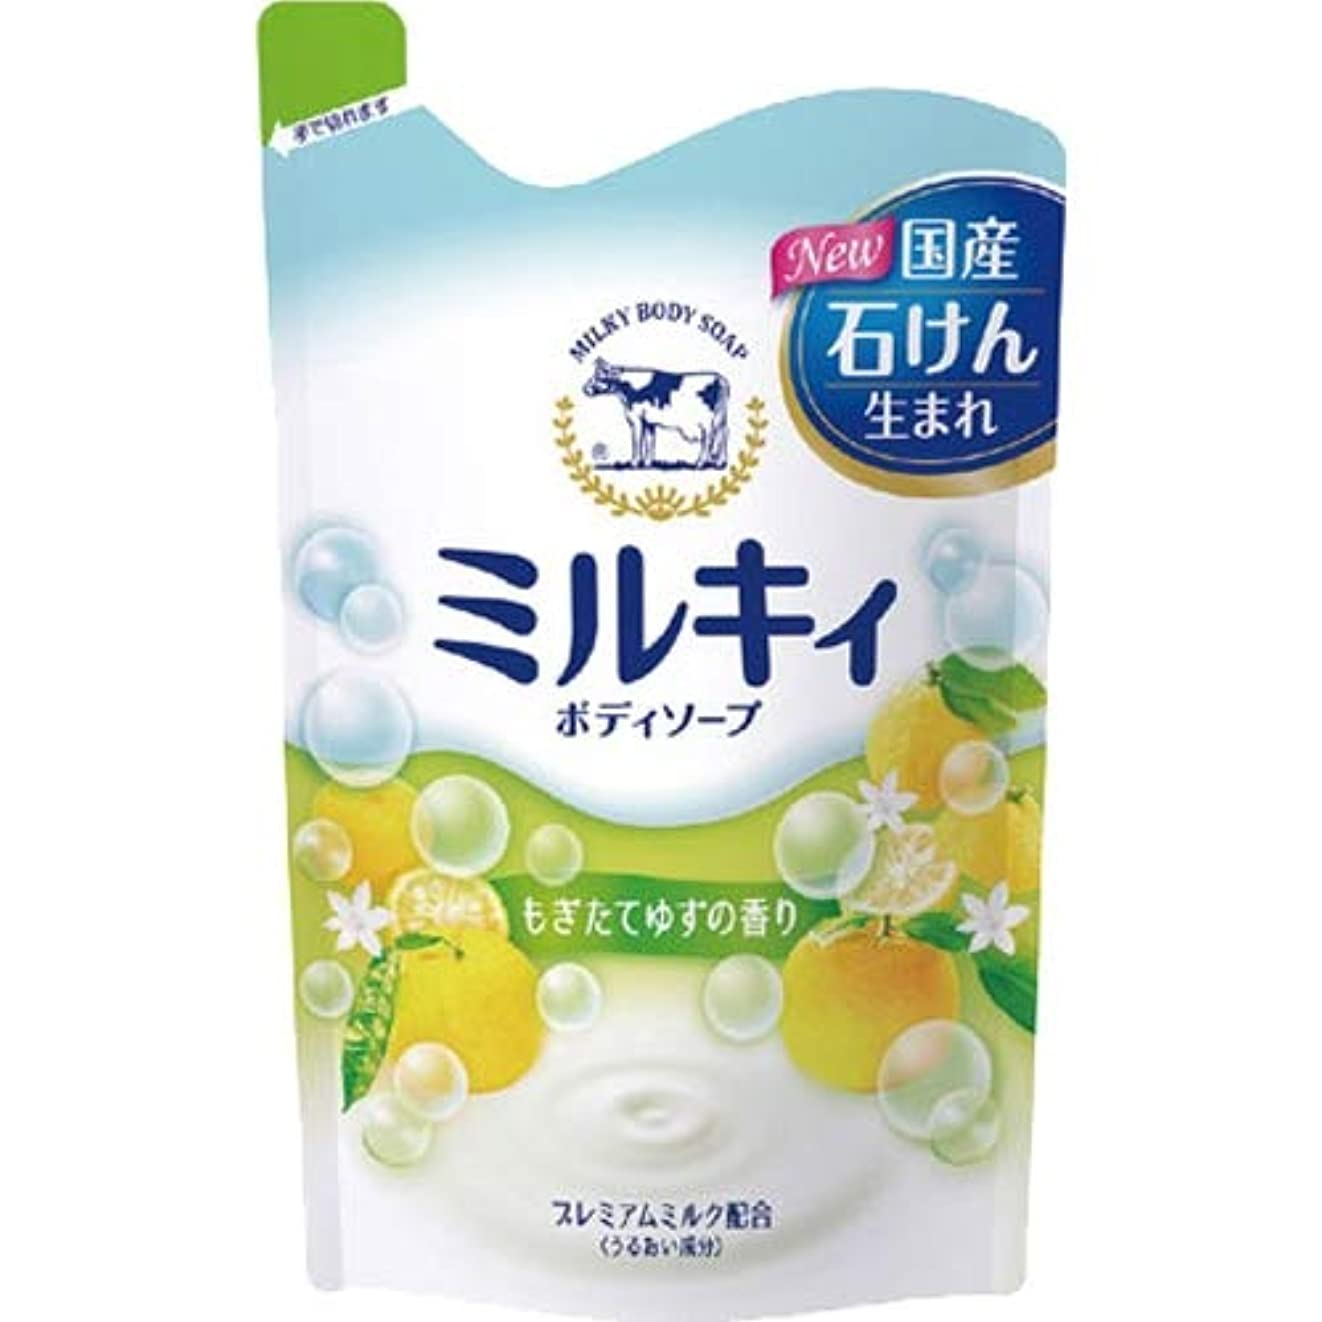 規制セクション独立したミルキィ ボディソープ シトラスソープの香り 詰替用400mL